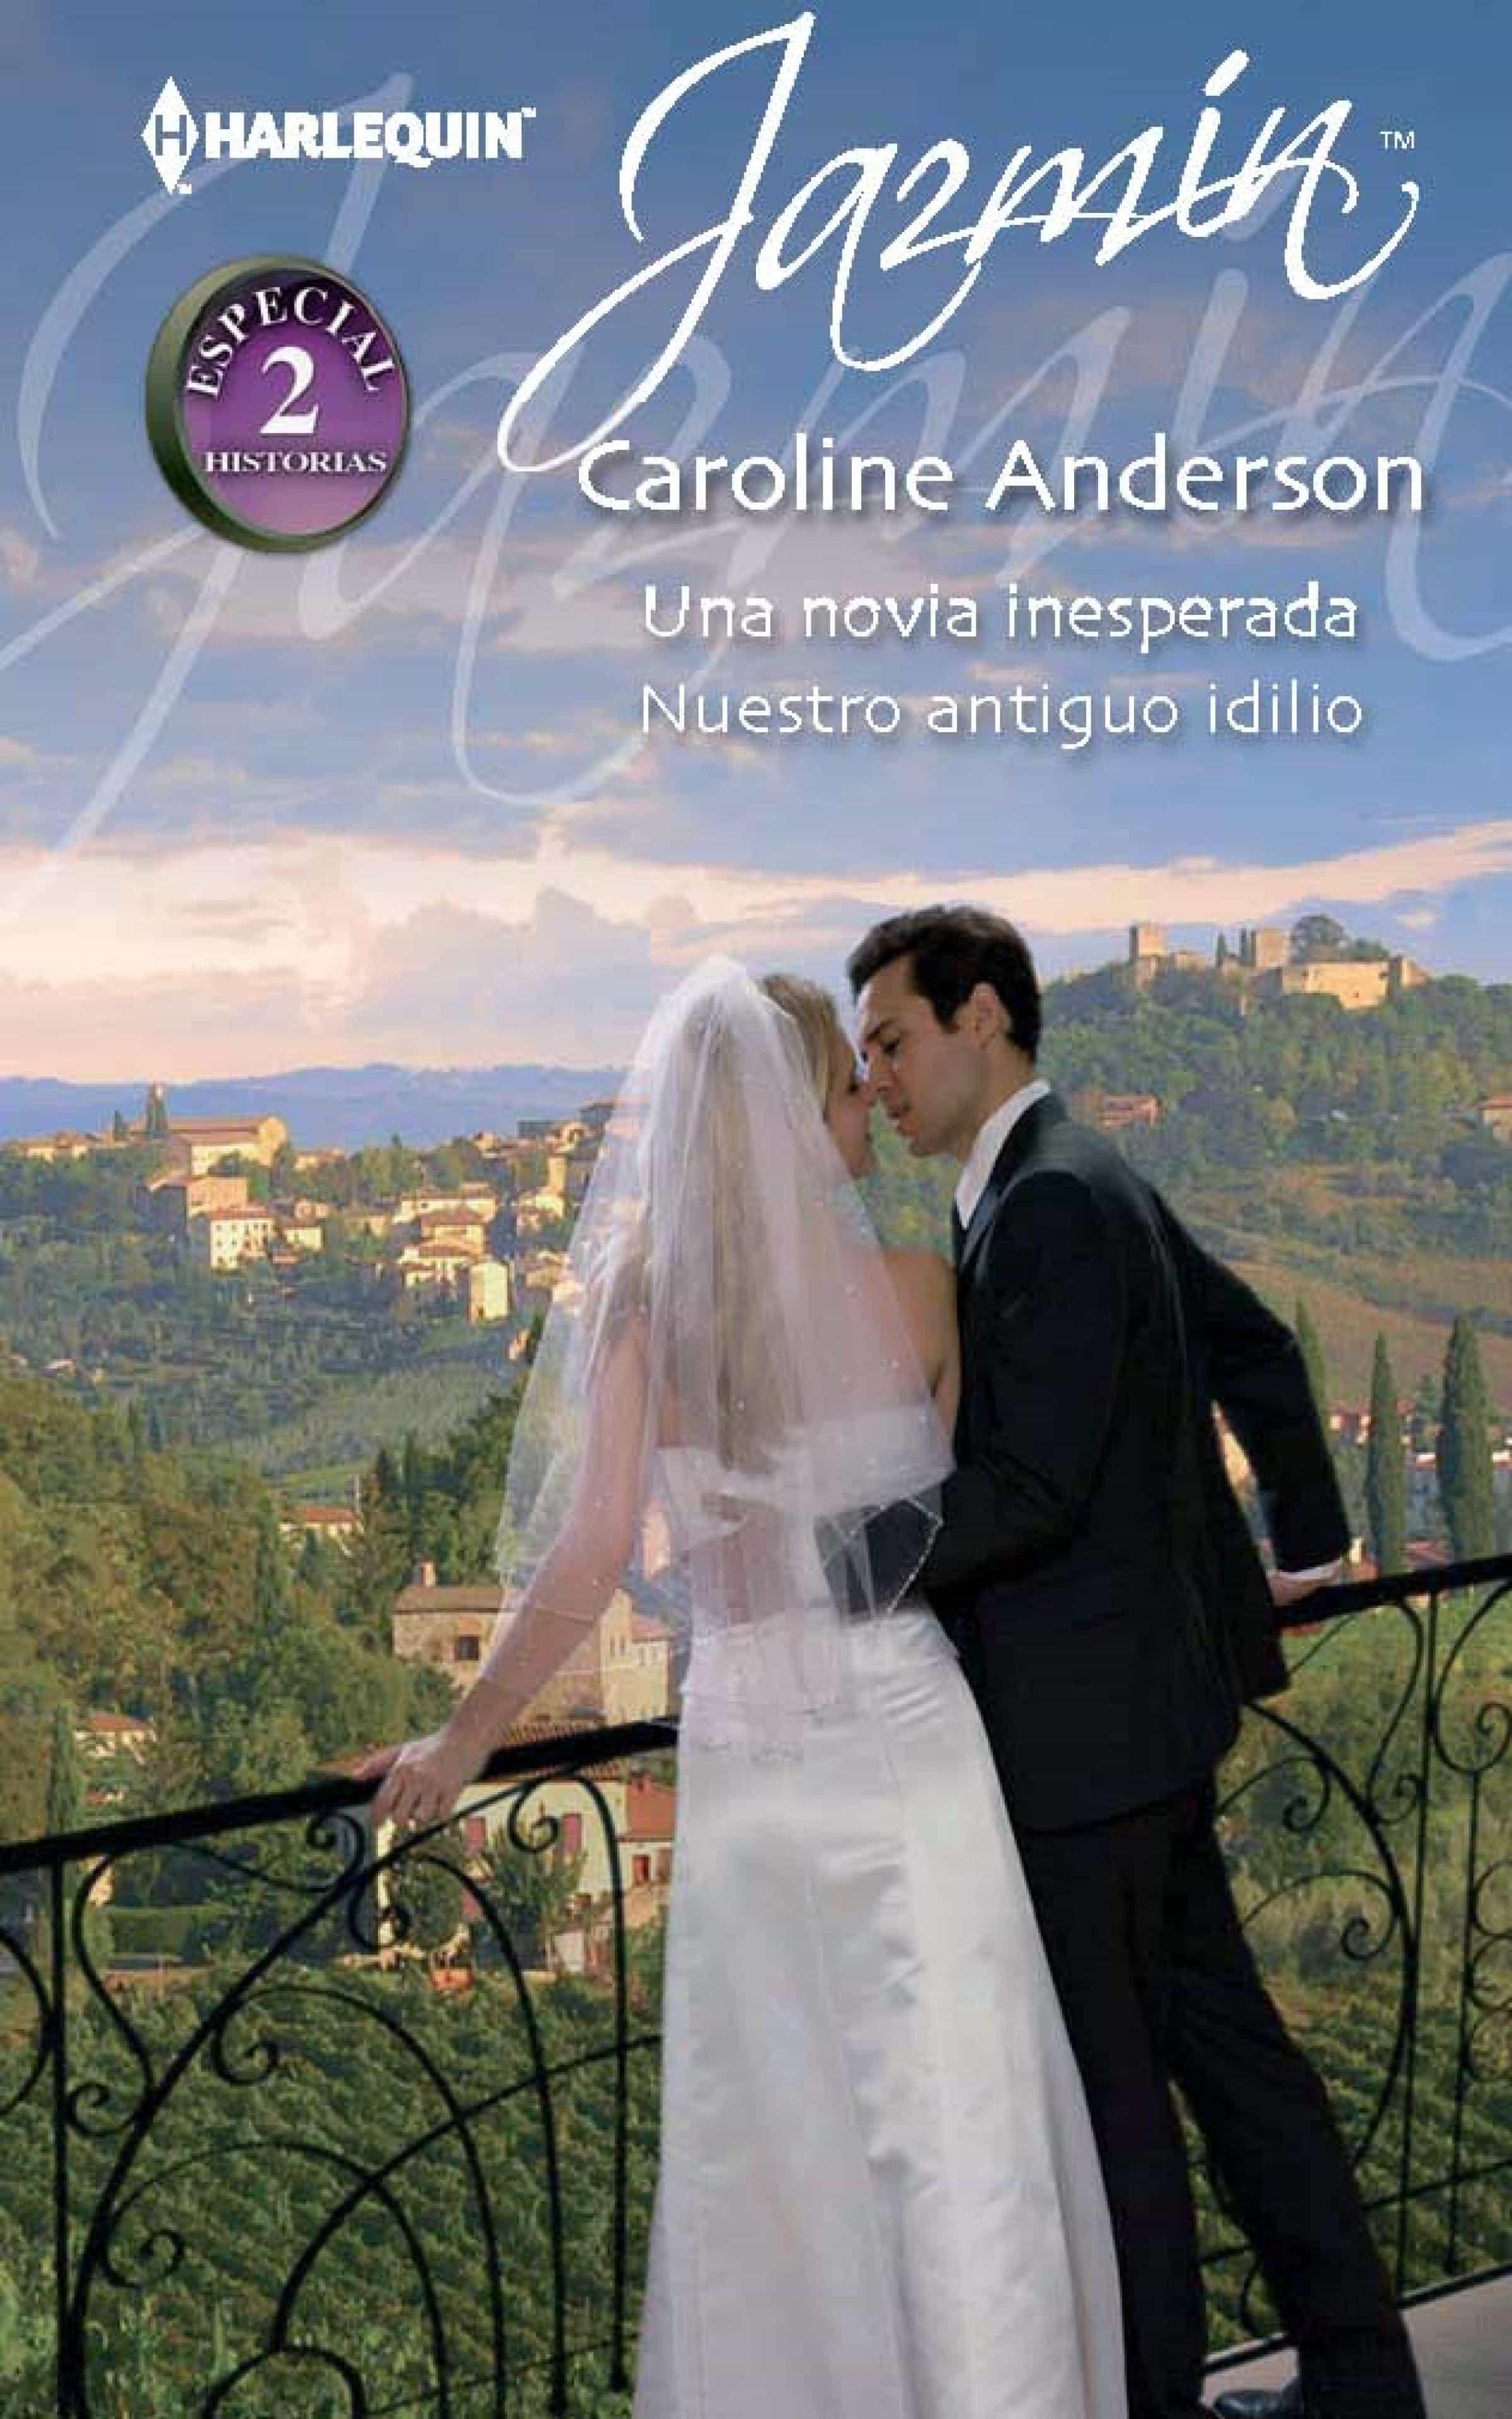 Antiguo Inesperada Idilio Caroline Una Anderson Novia ebook 9788468726526 Nuestro nC5tR